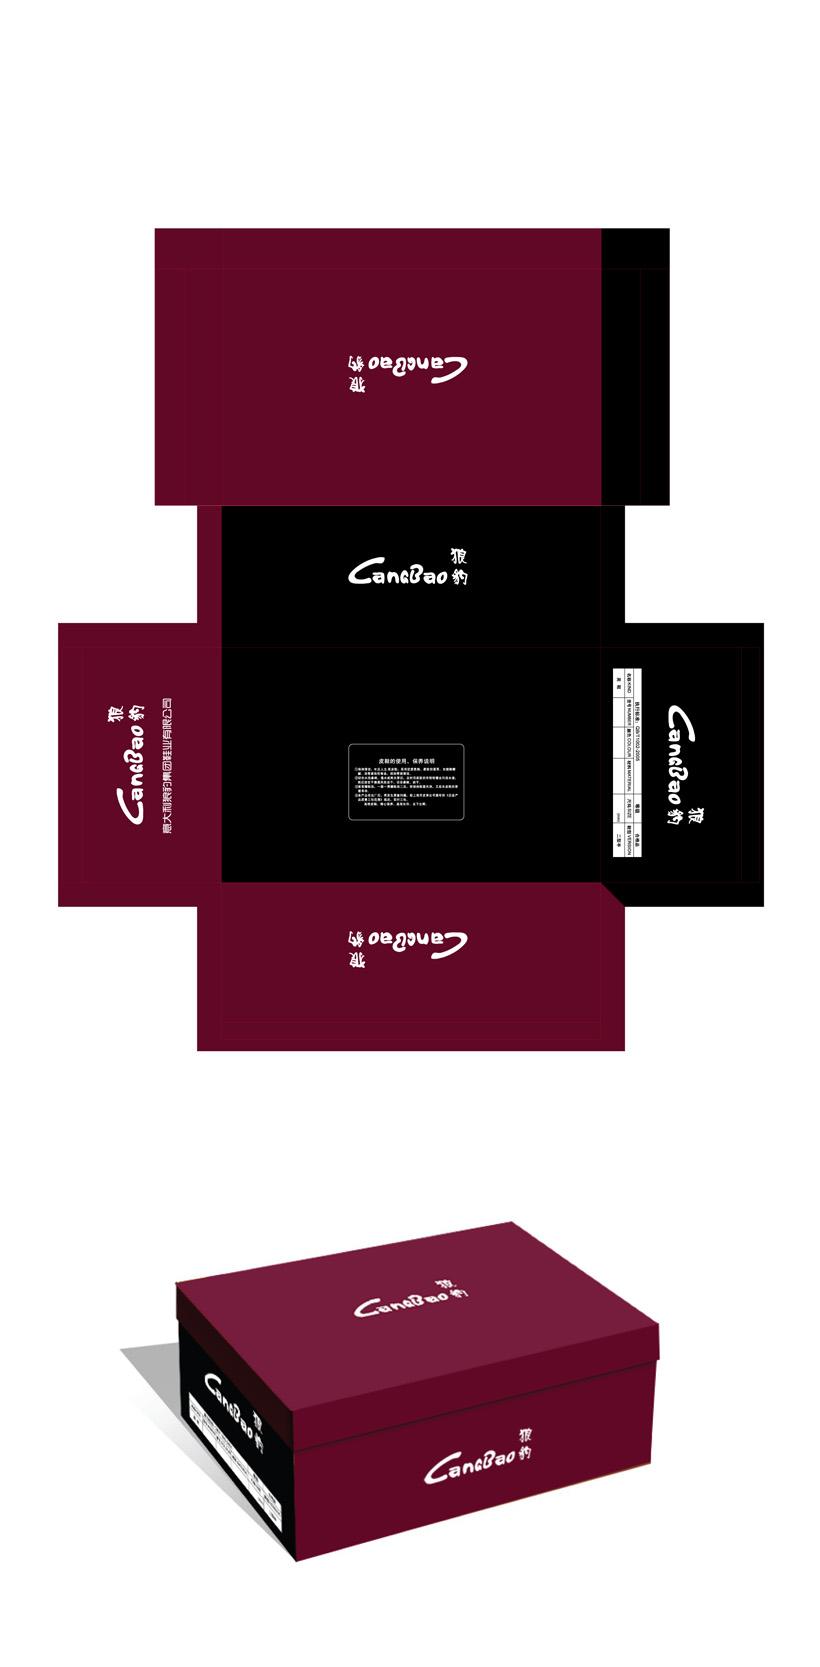 高档男士休闲鞋包装盒设计图片